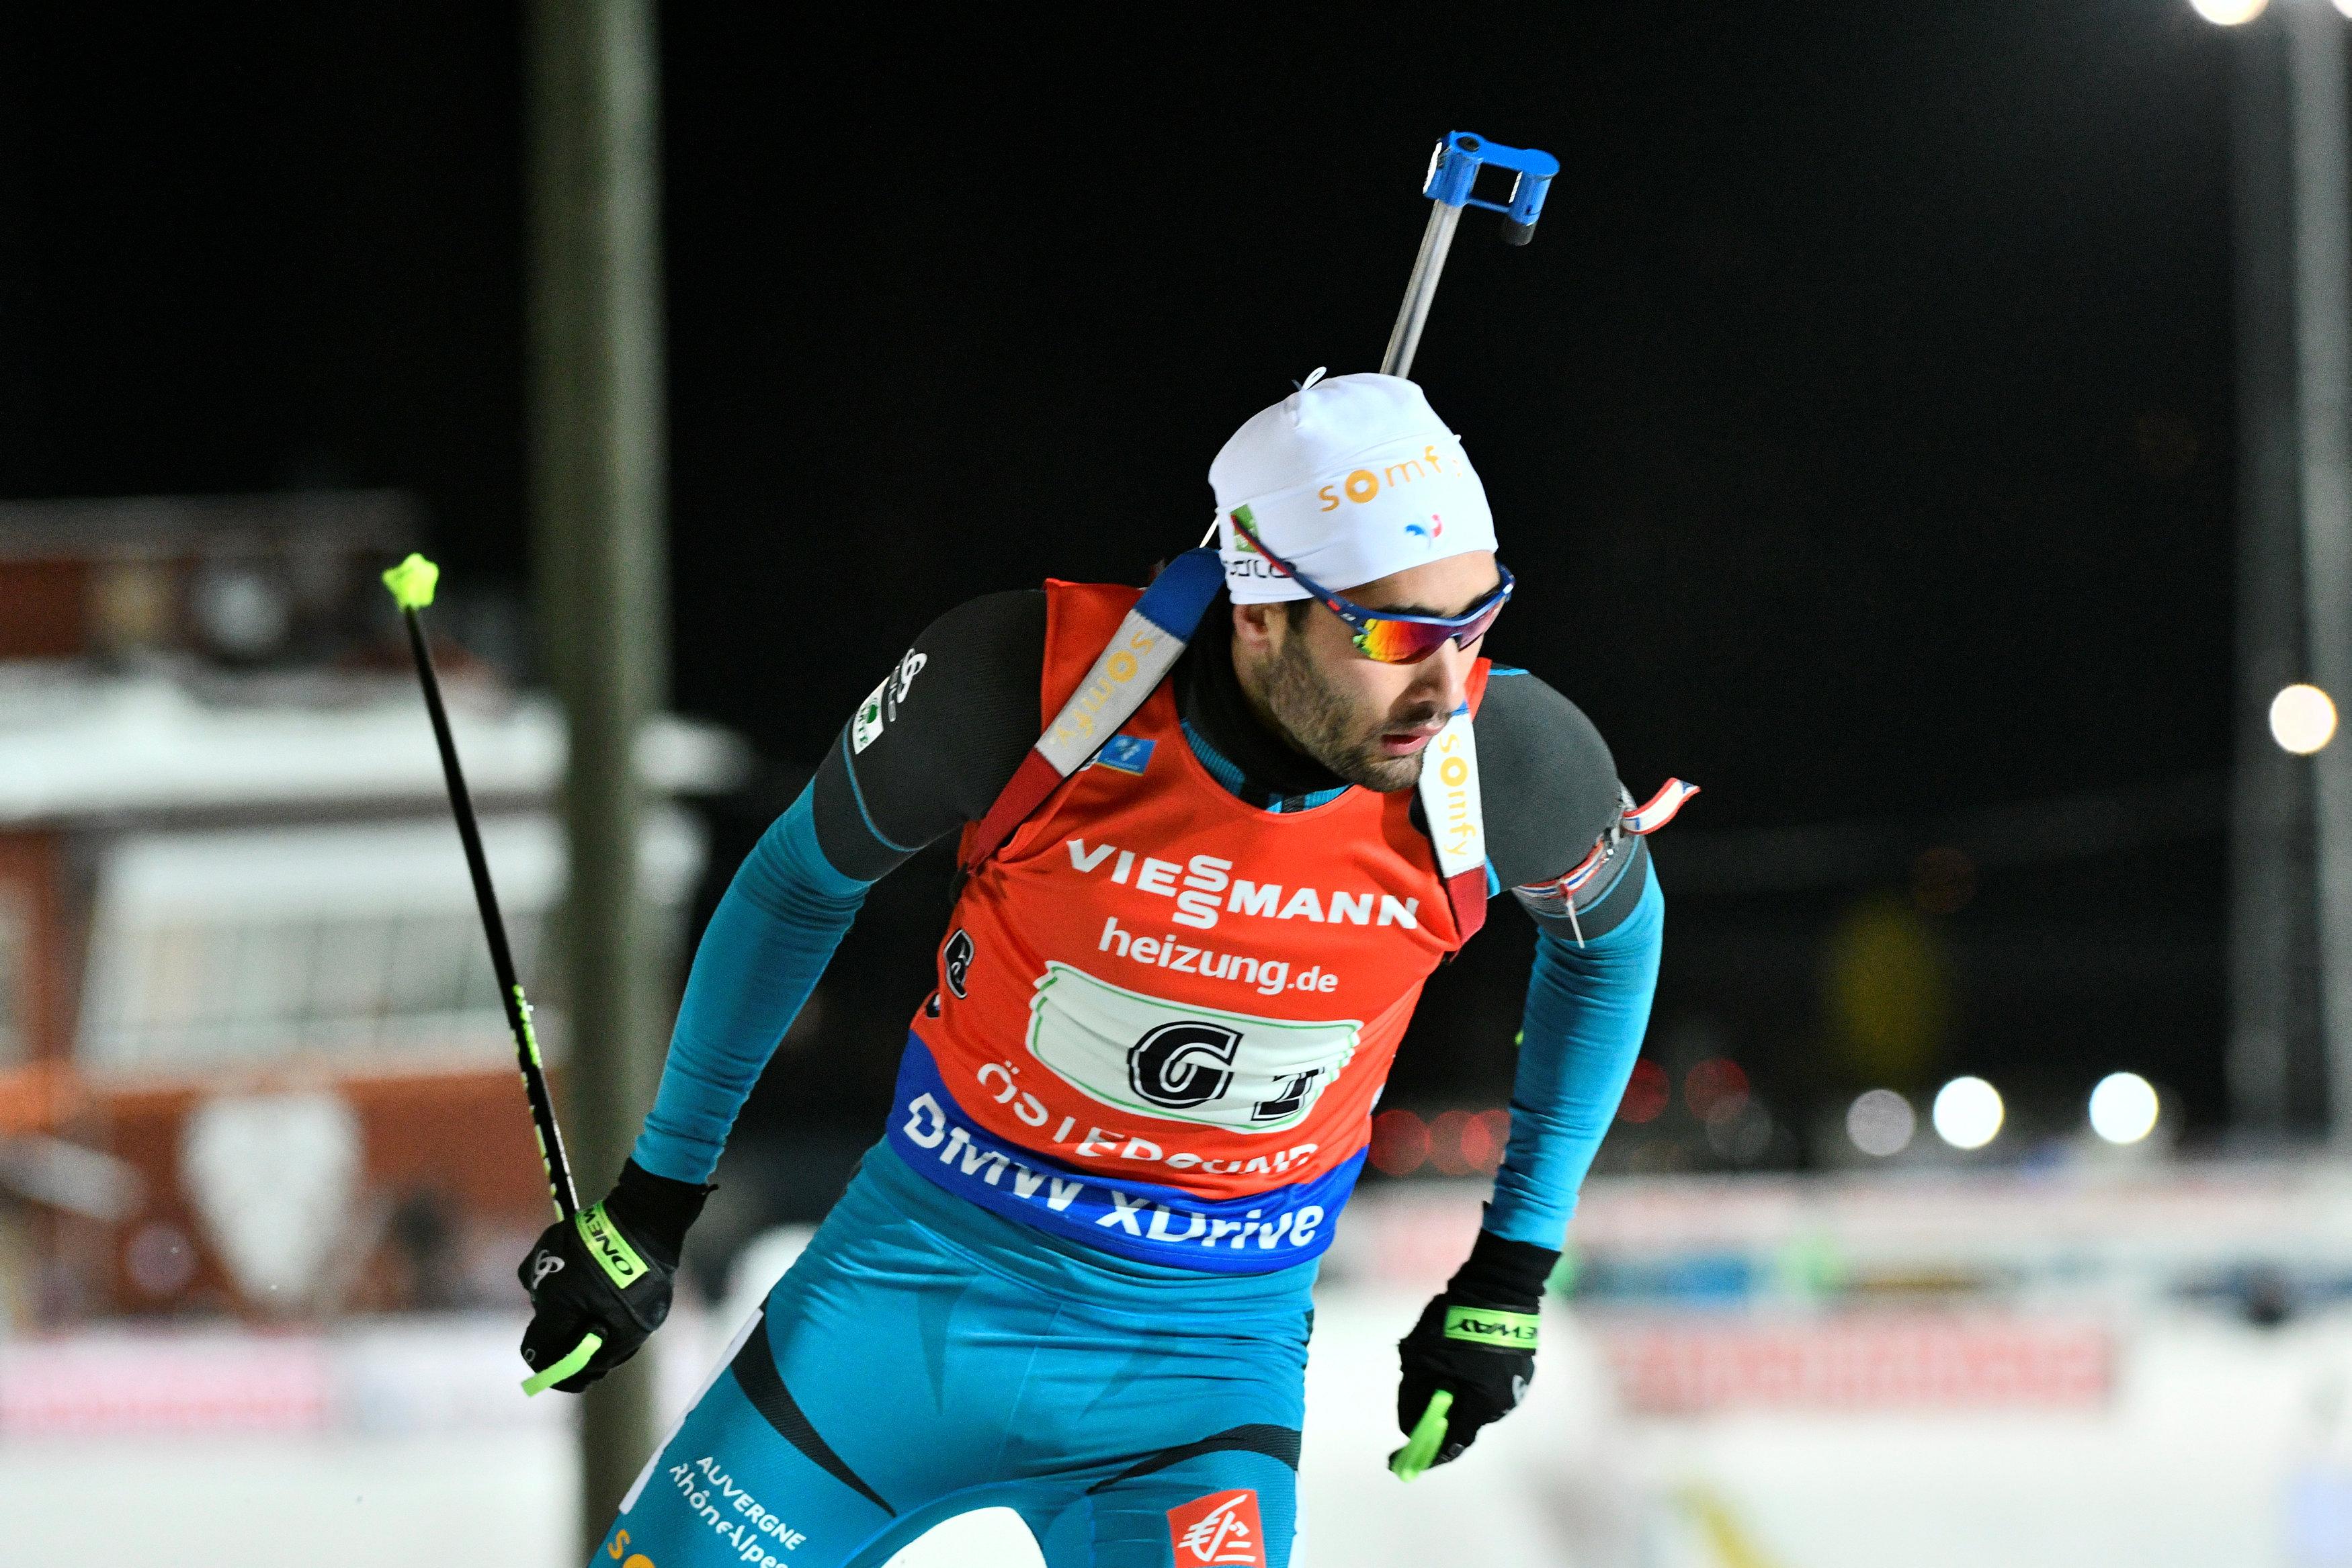 Sports d'hiver - Fourcade lance (déjà) sa saison par une victoire